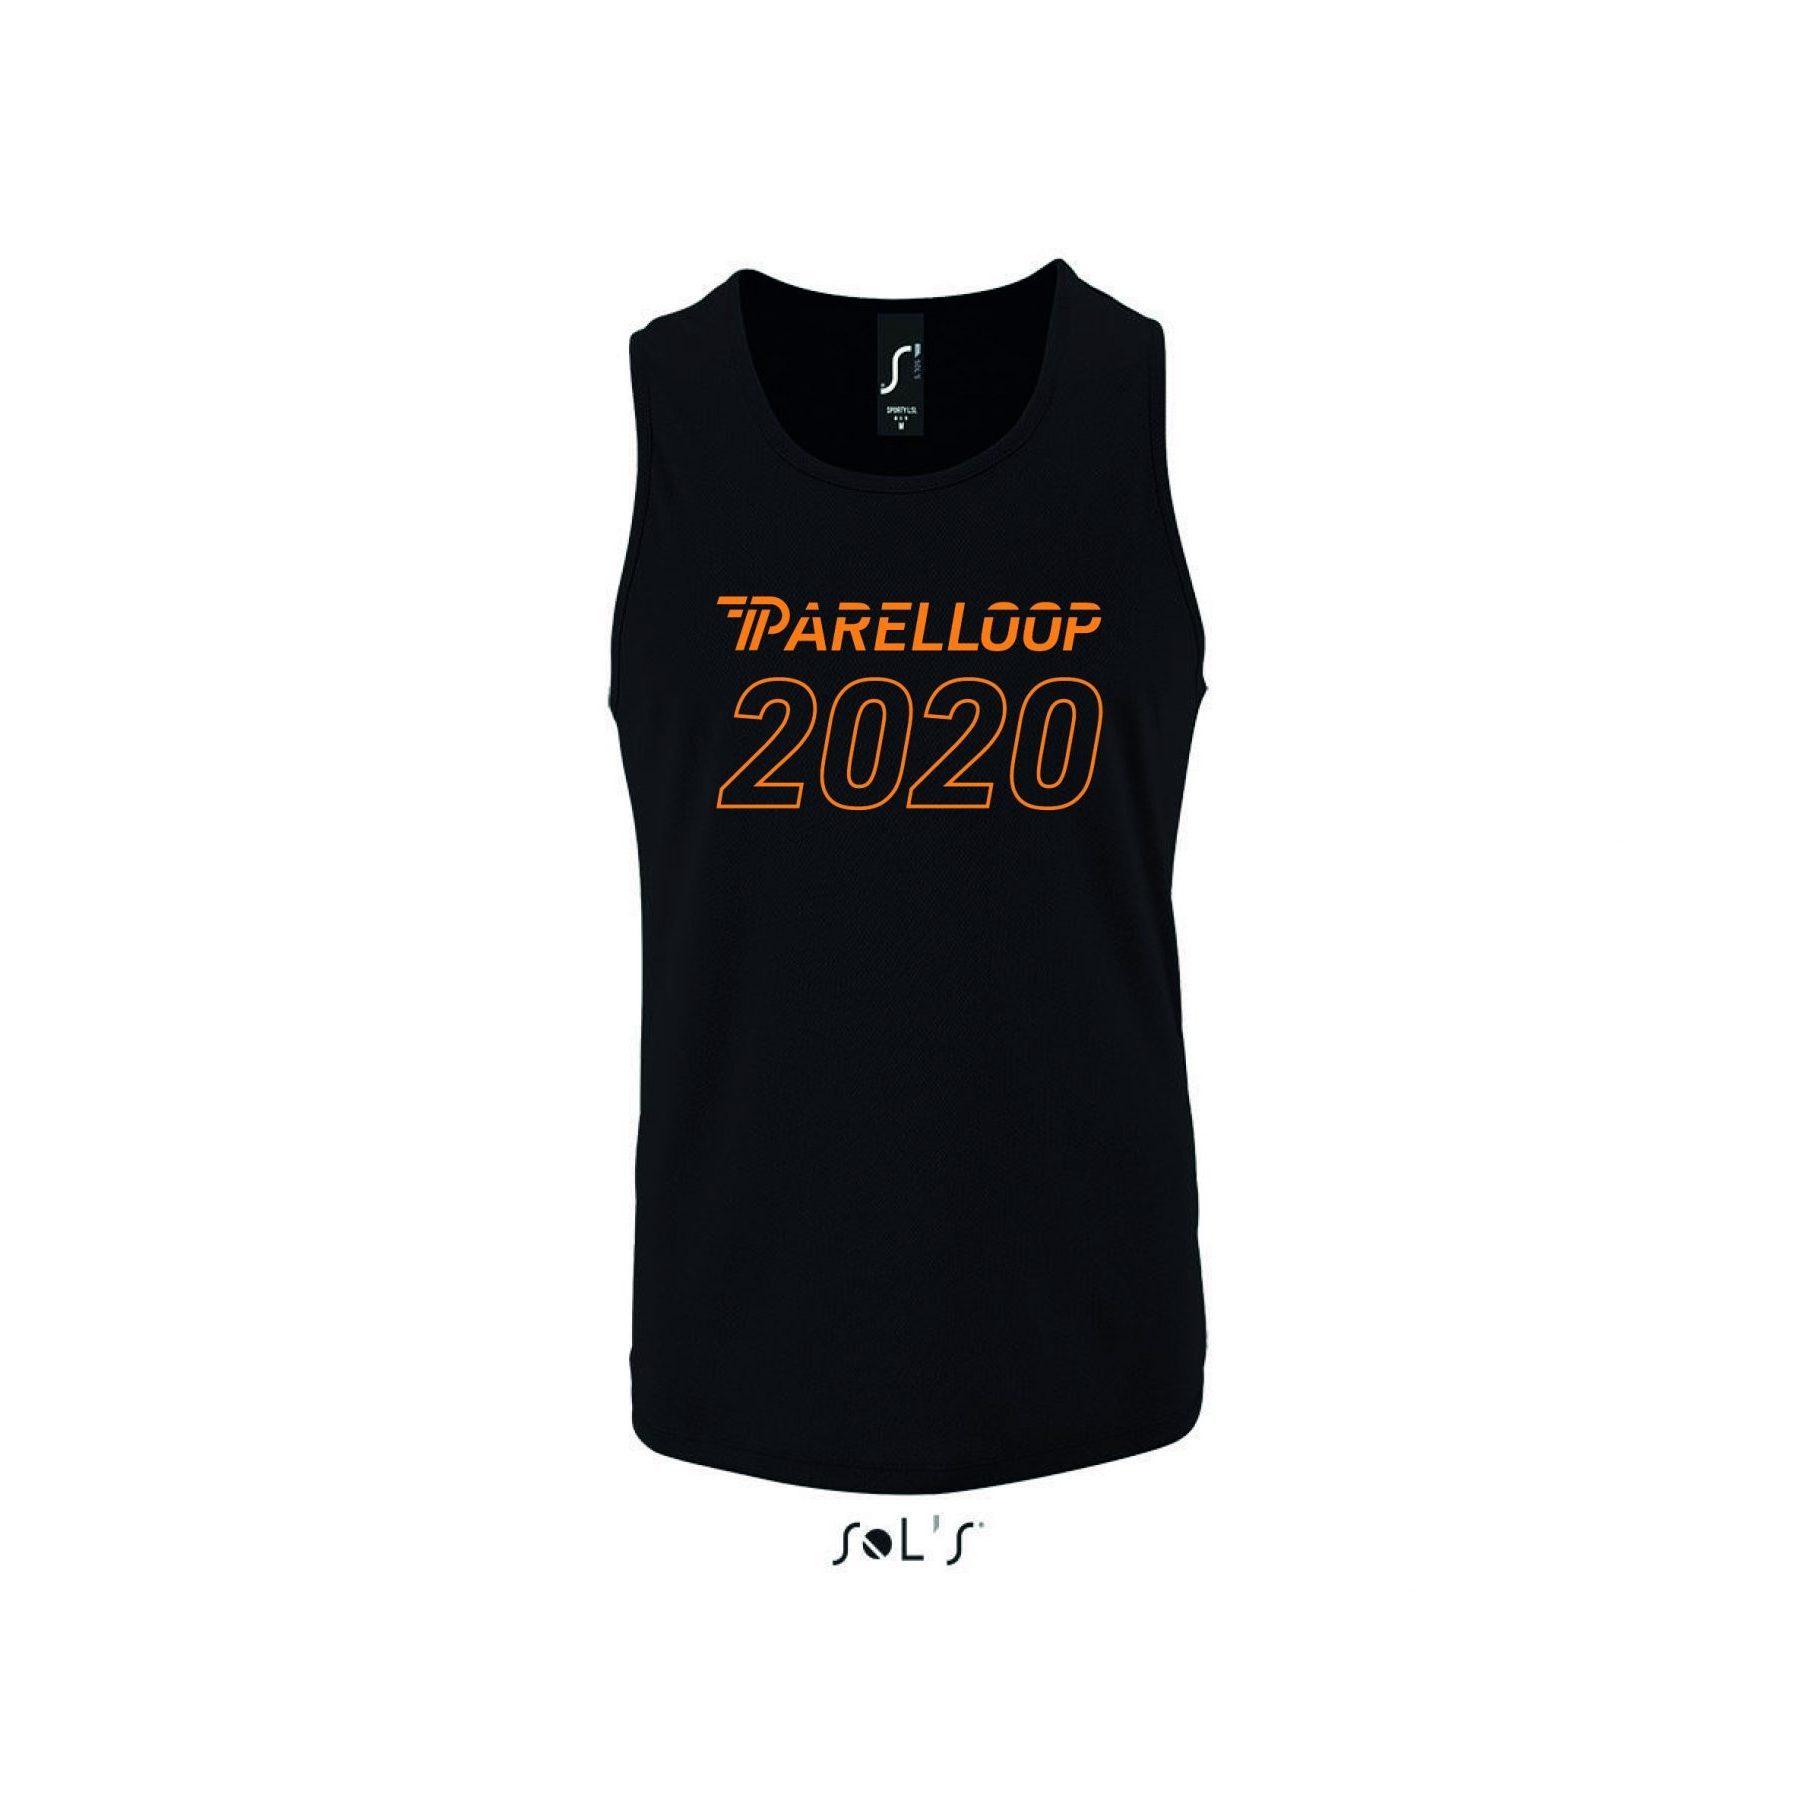 Parelloop-T-shirt-Singlet-Drukwerk-Mockup